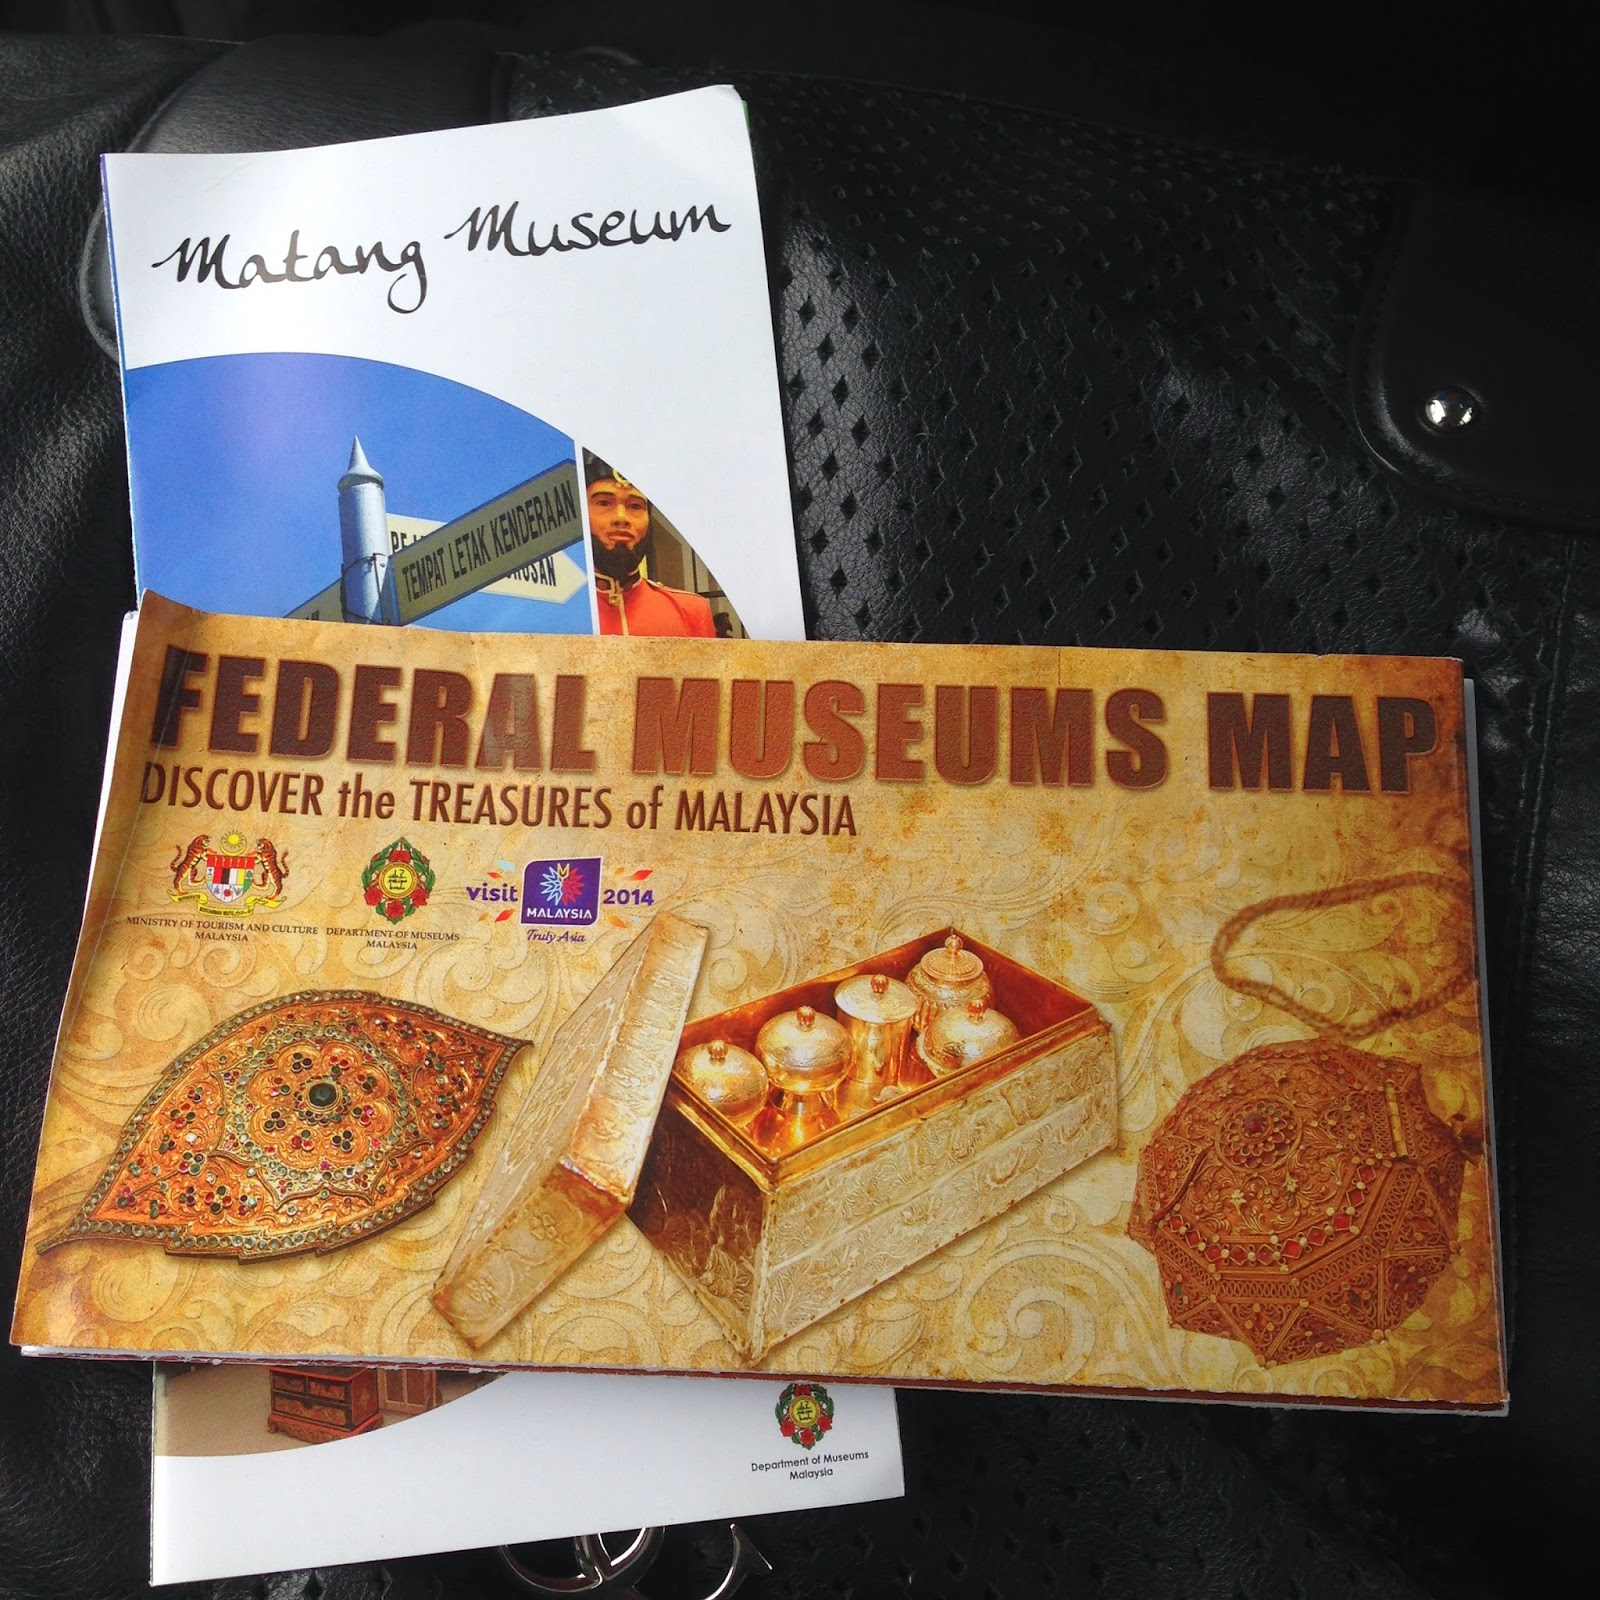 Malaysia Museums Map